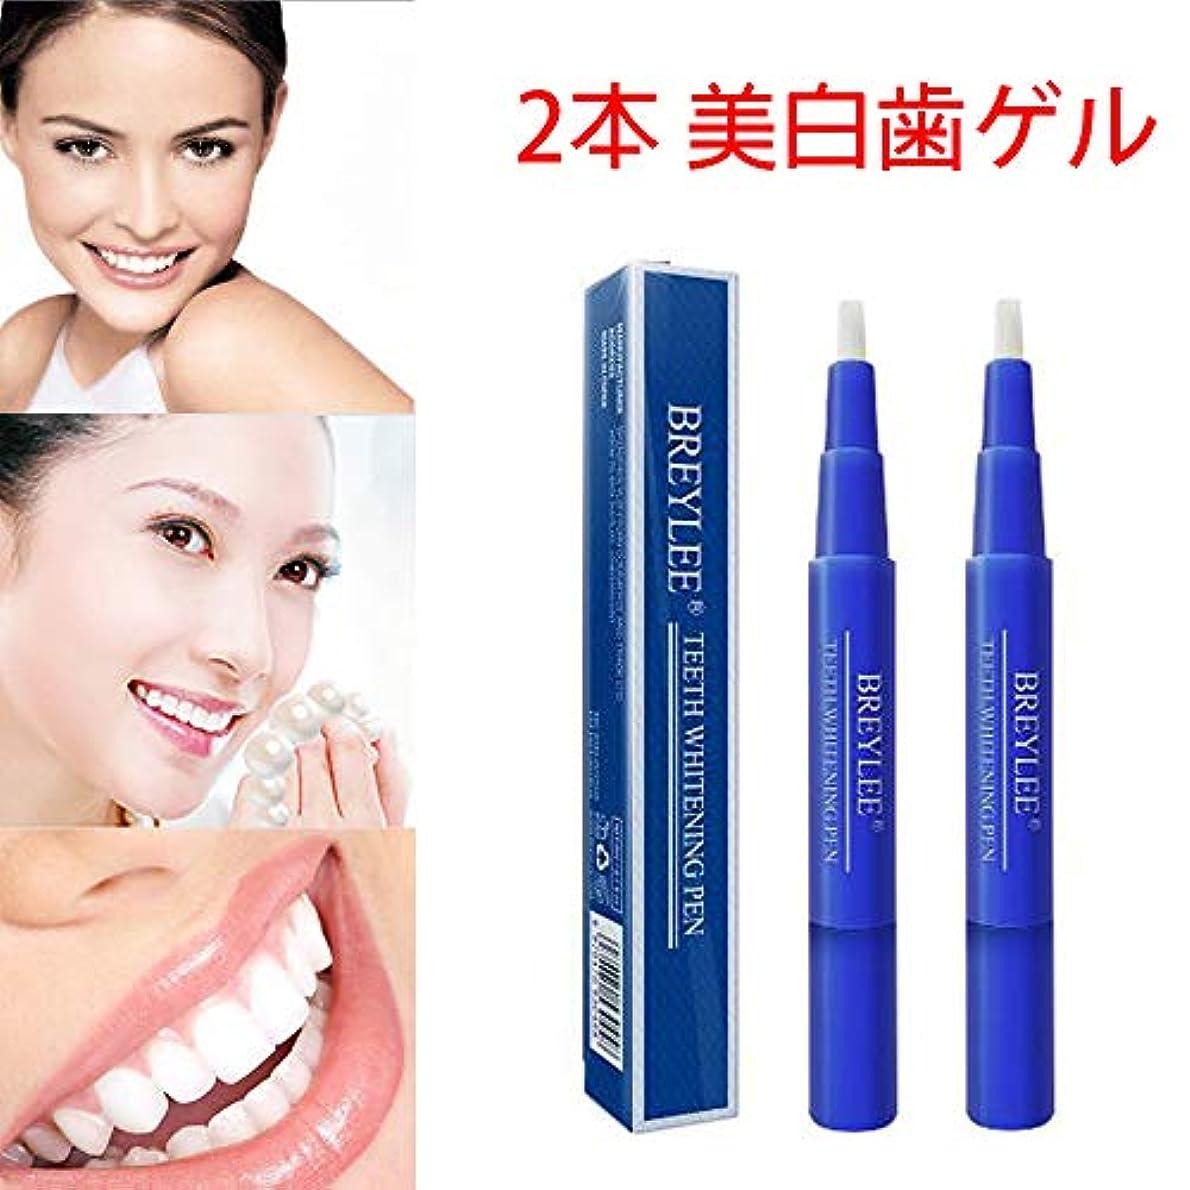 こするつま先コピー美白歯ゲル 歯 ホワイトニングペン ホワイトニングペン 歯ブラシ 輝く笑顔 口臭防止 歯周病防止 2本